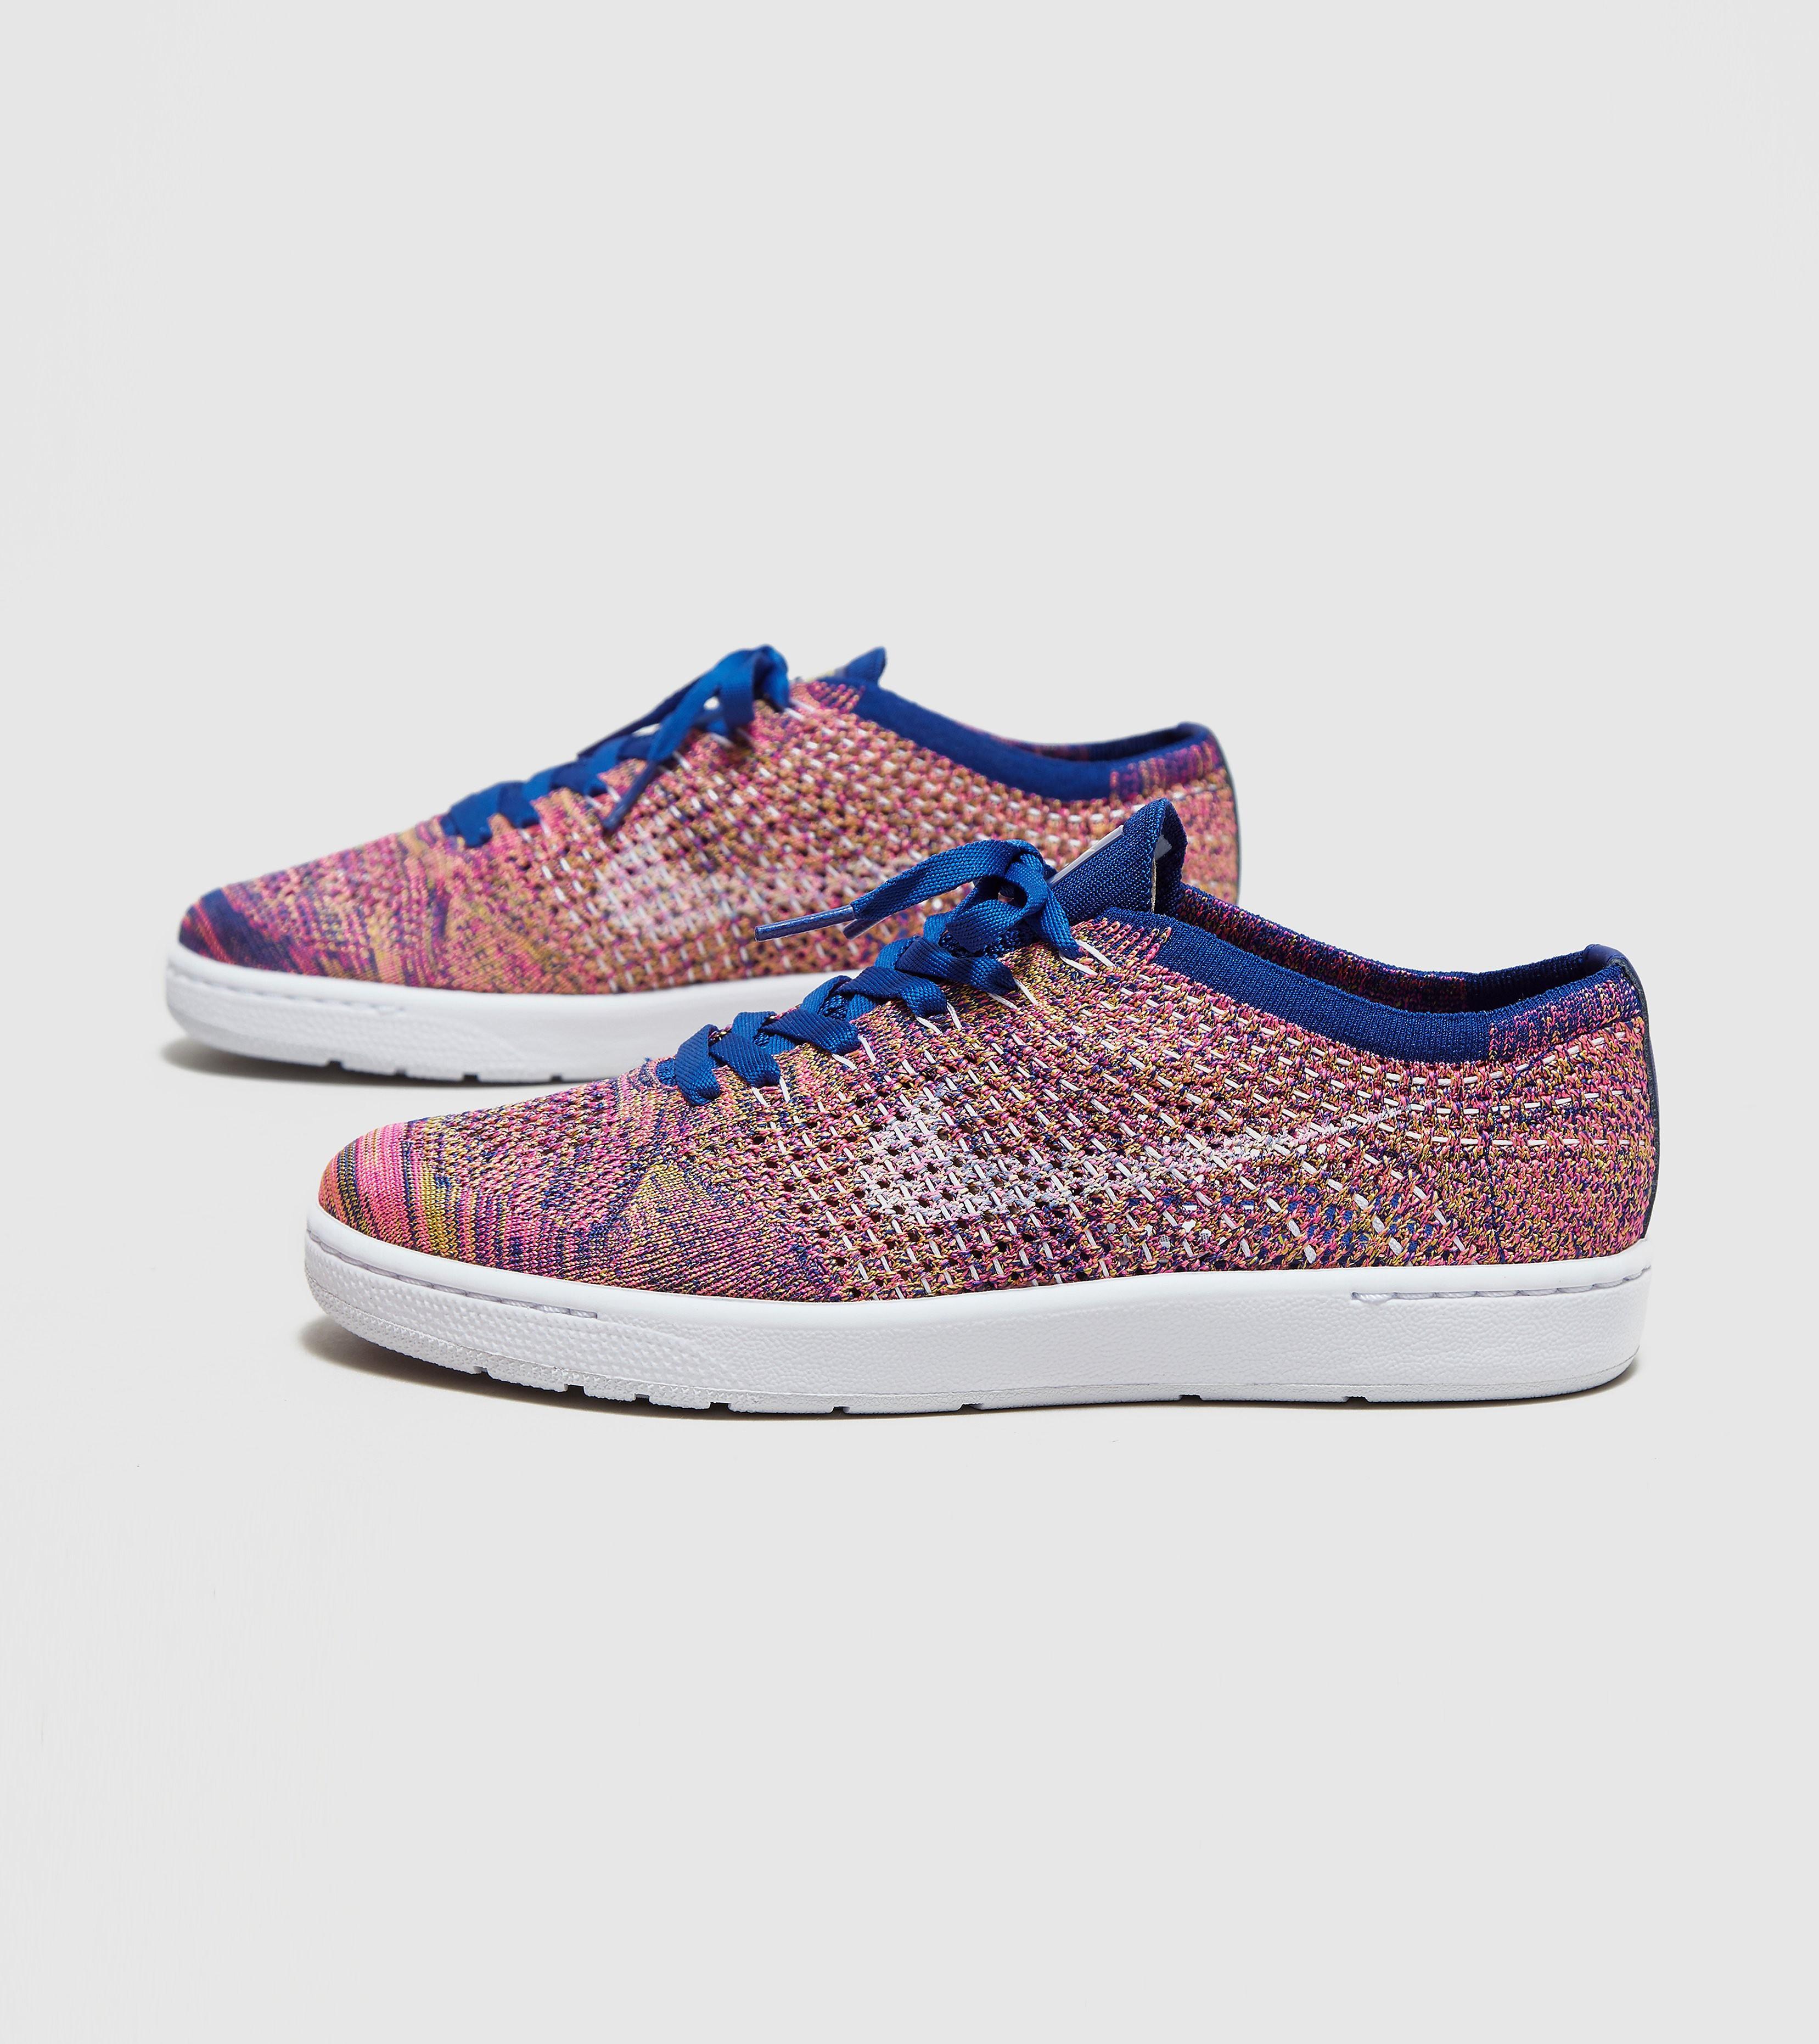 Nike Tennis Classic Ultra Flyknit Women's